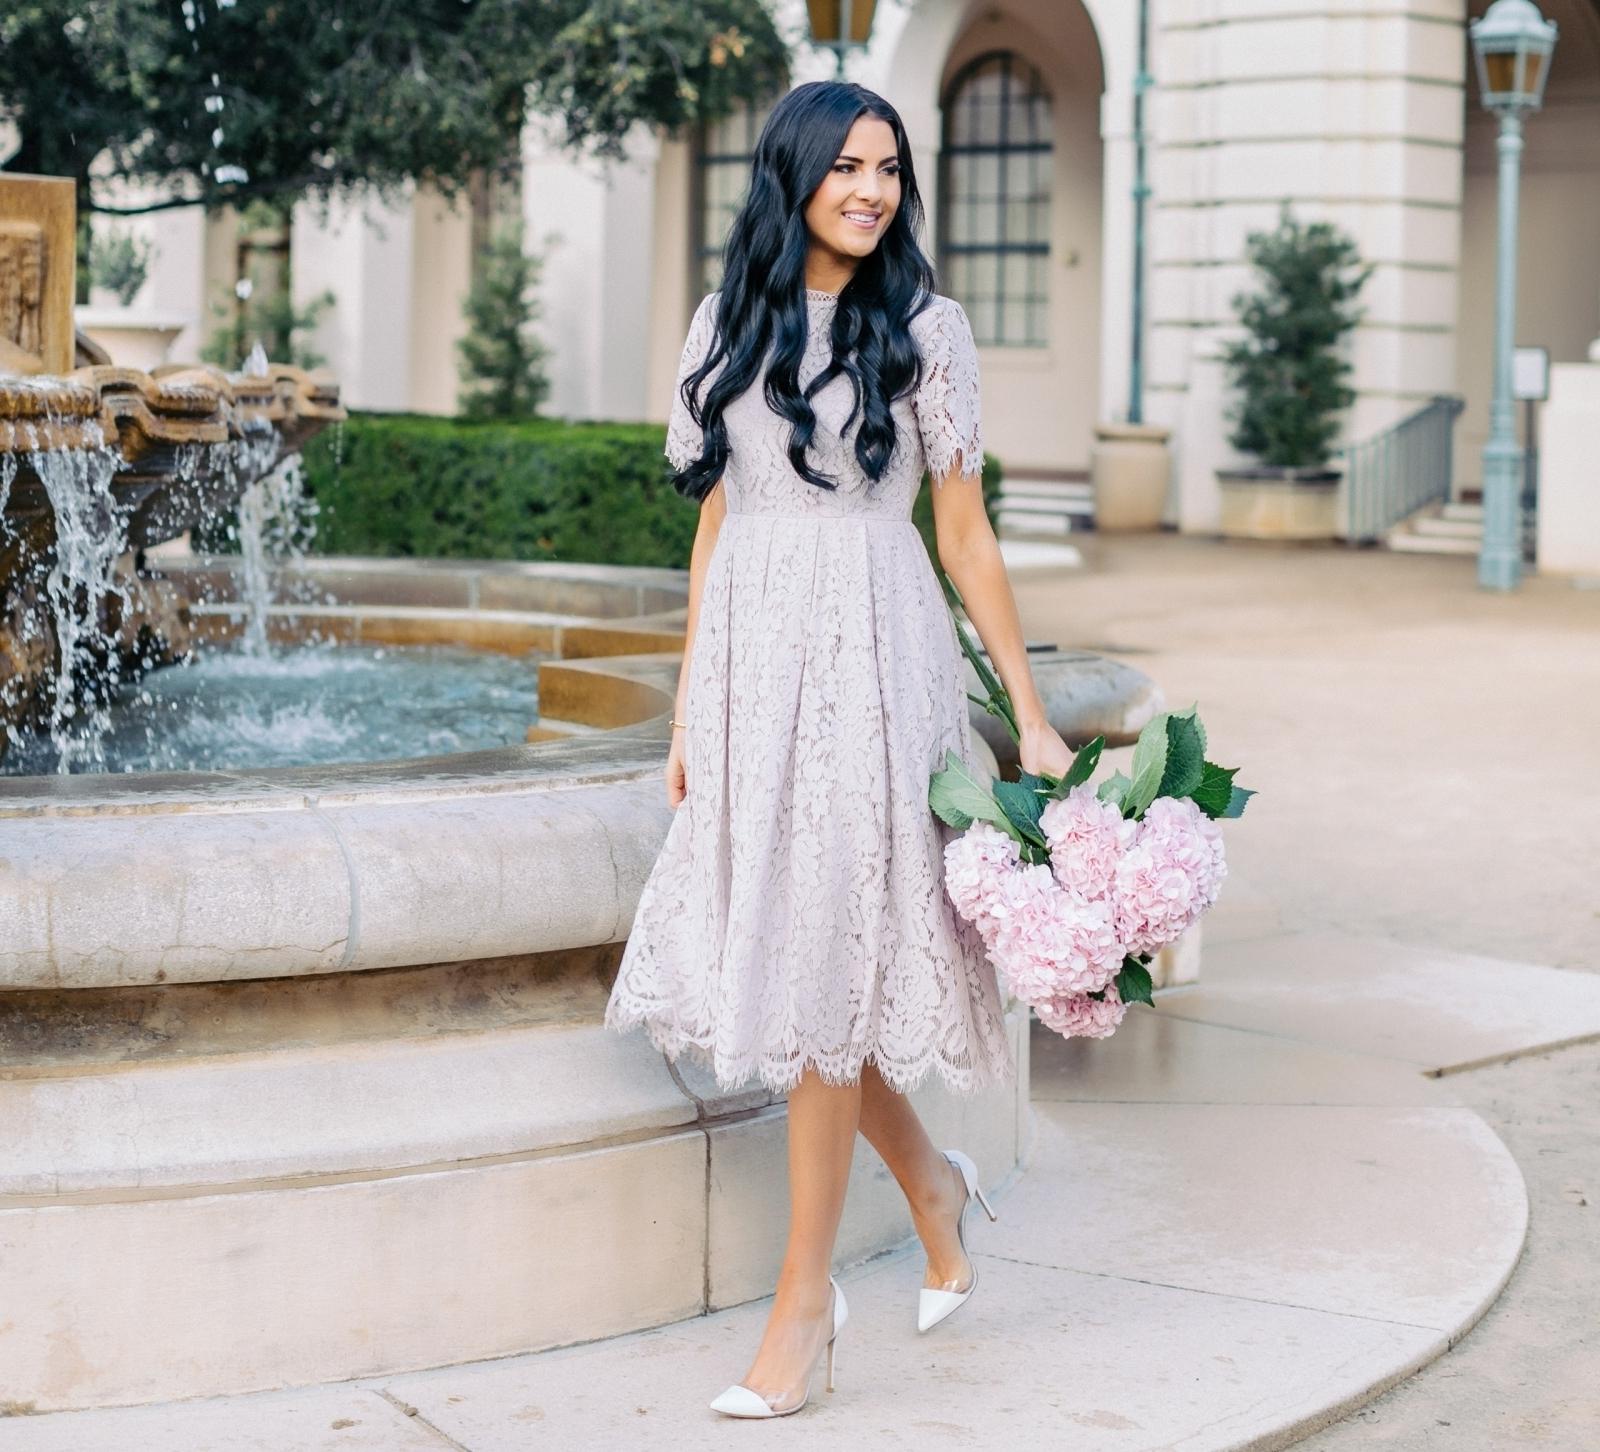 платье длинное на свадьбу в качестве гостя